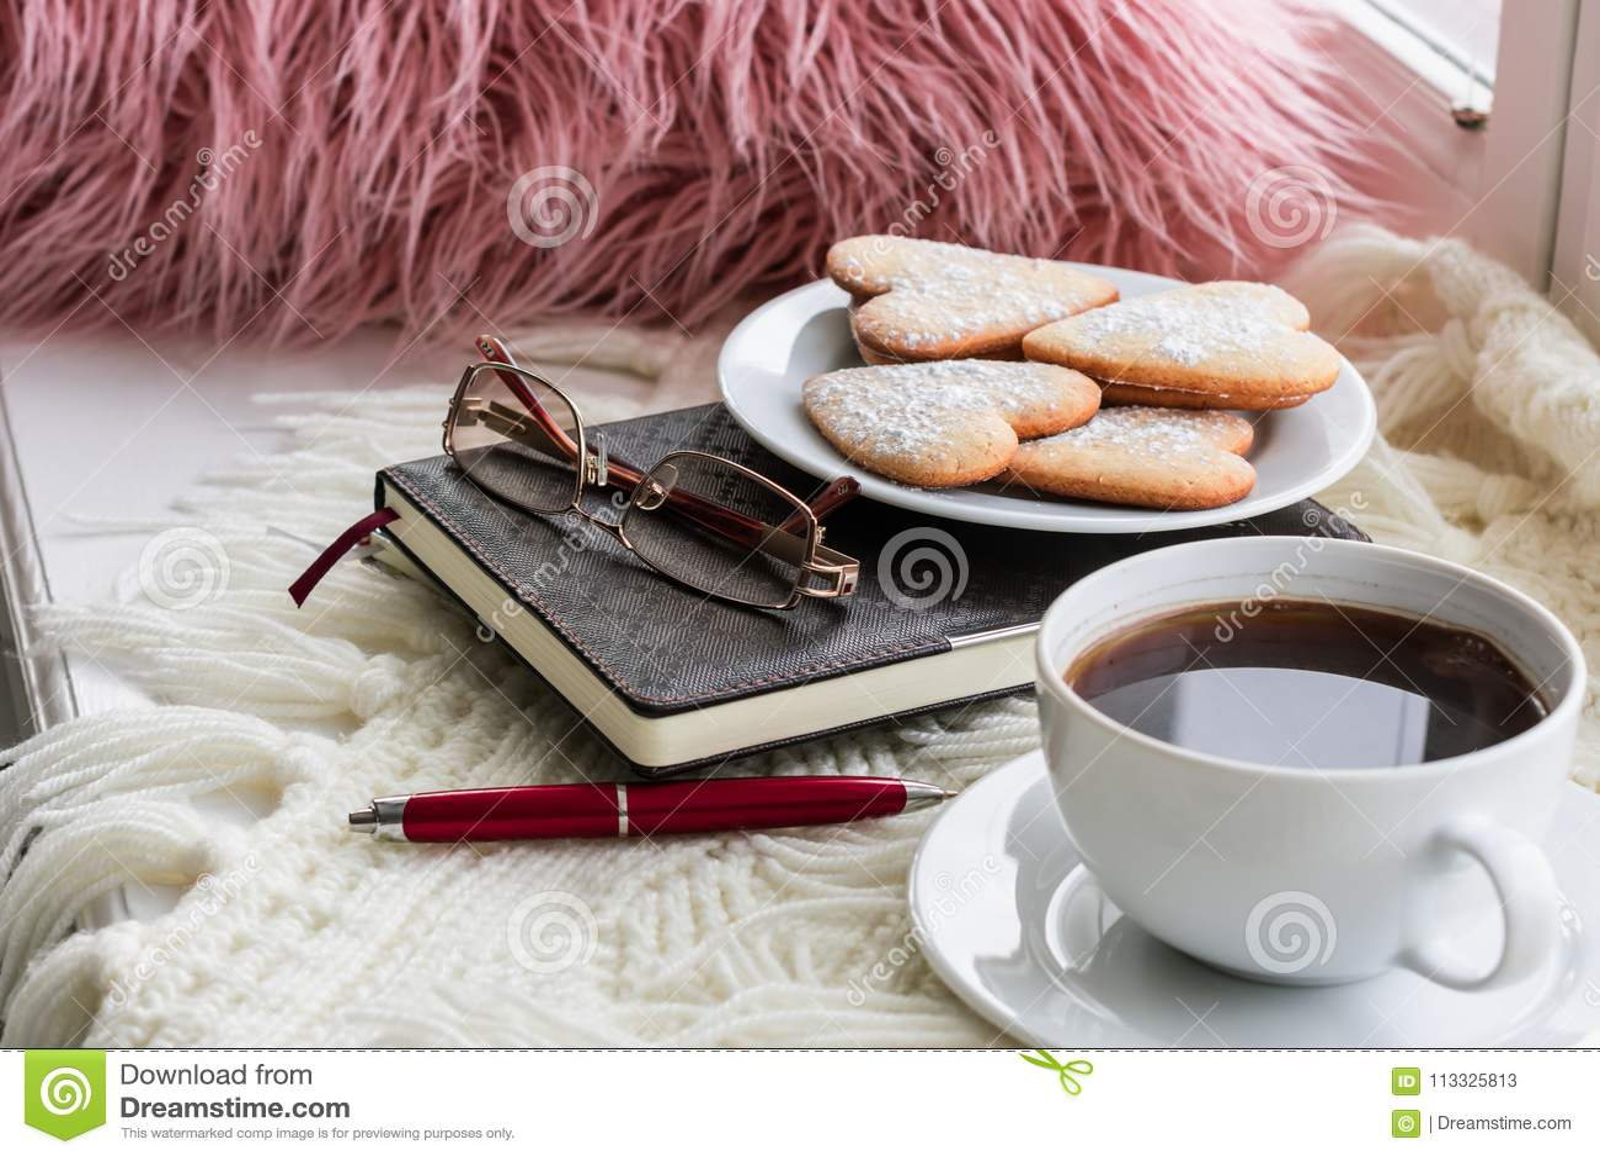 Le plaid, oreillers, livres, biscuits se trouvent sur la fenêtre